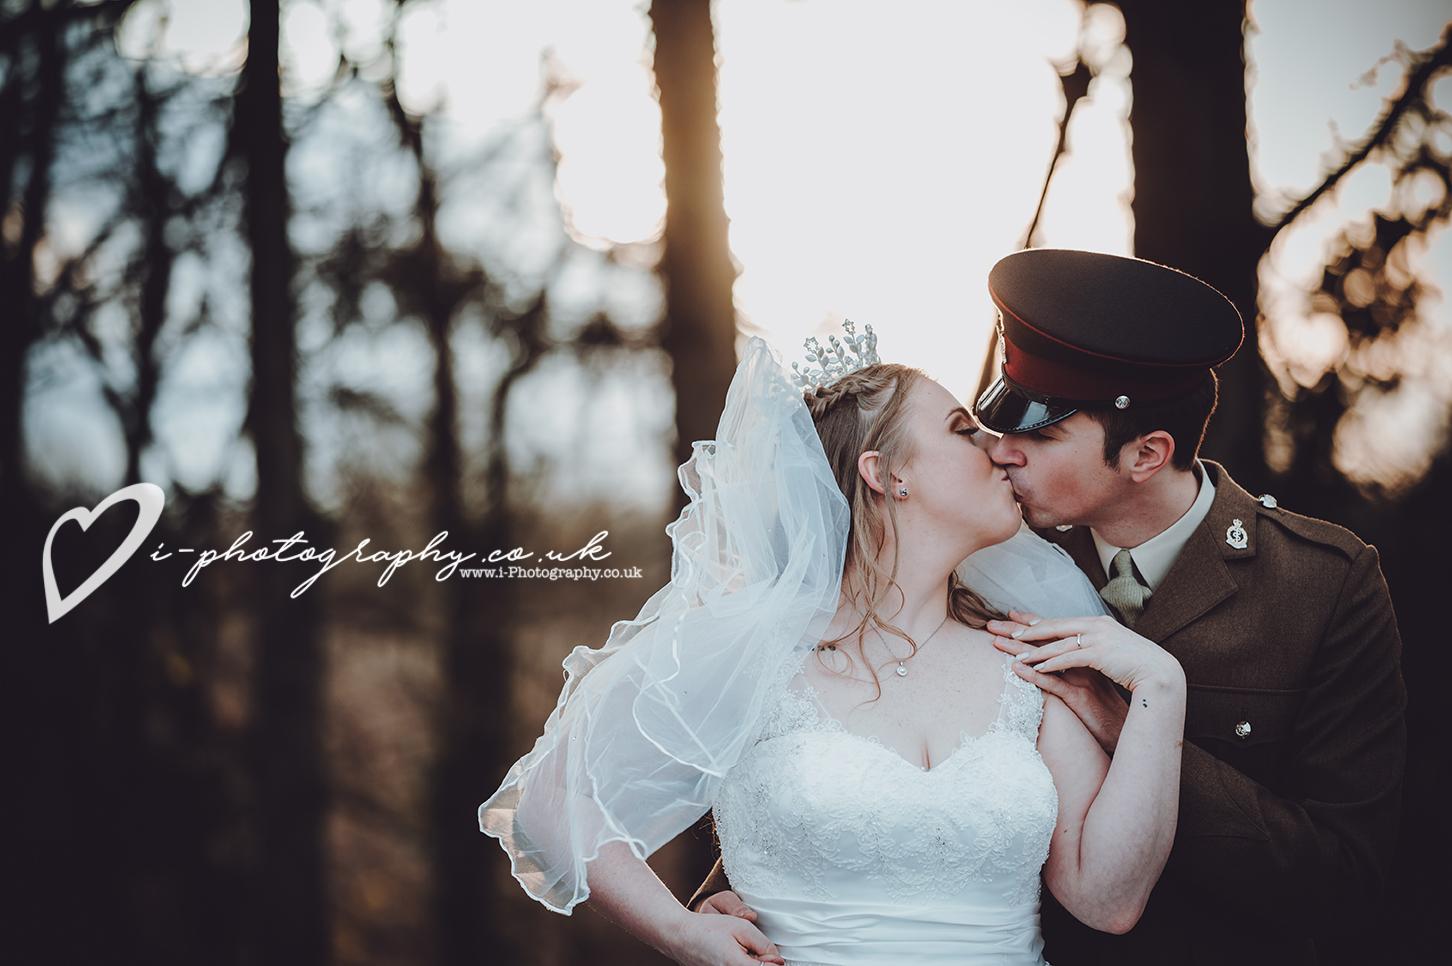 Jeni-Anne & Michael Wedding Photos